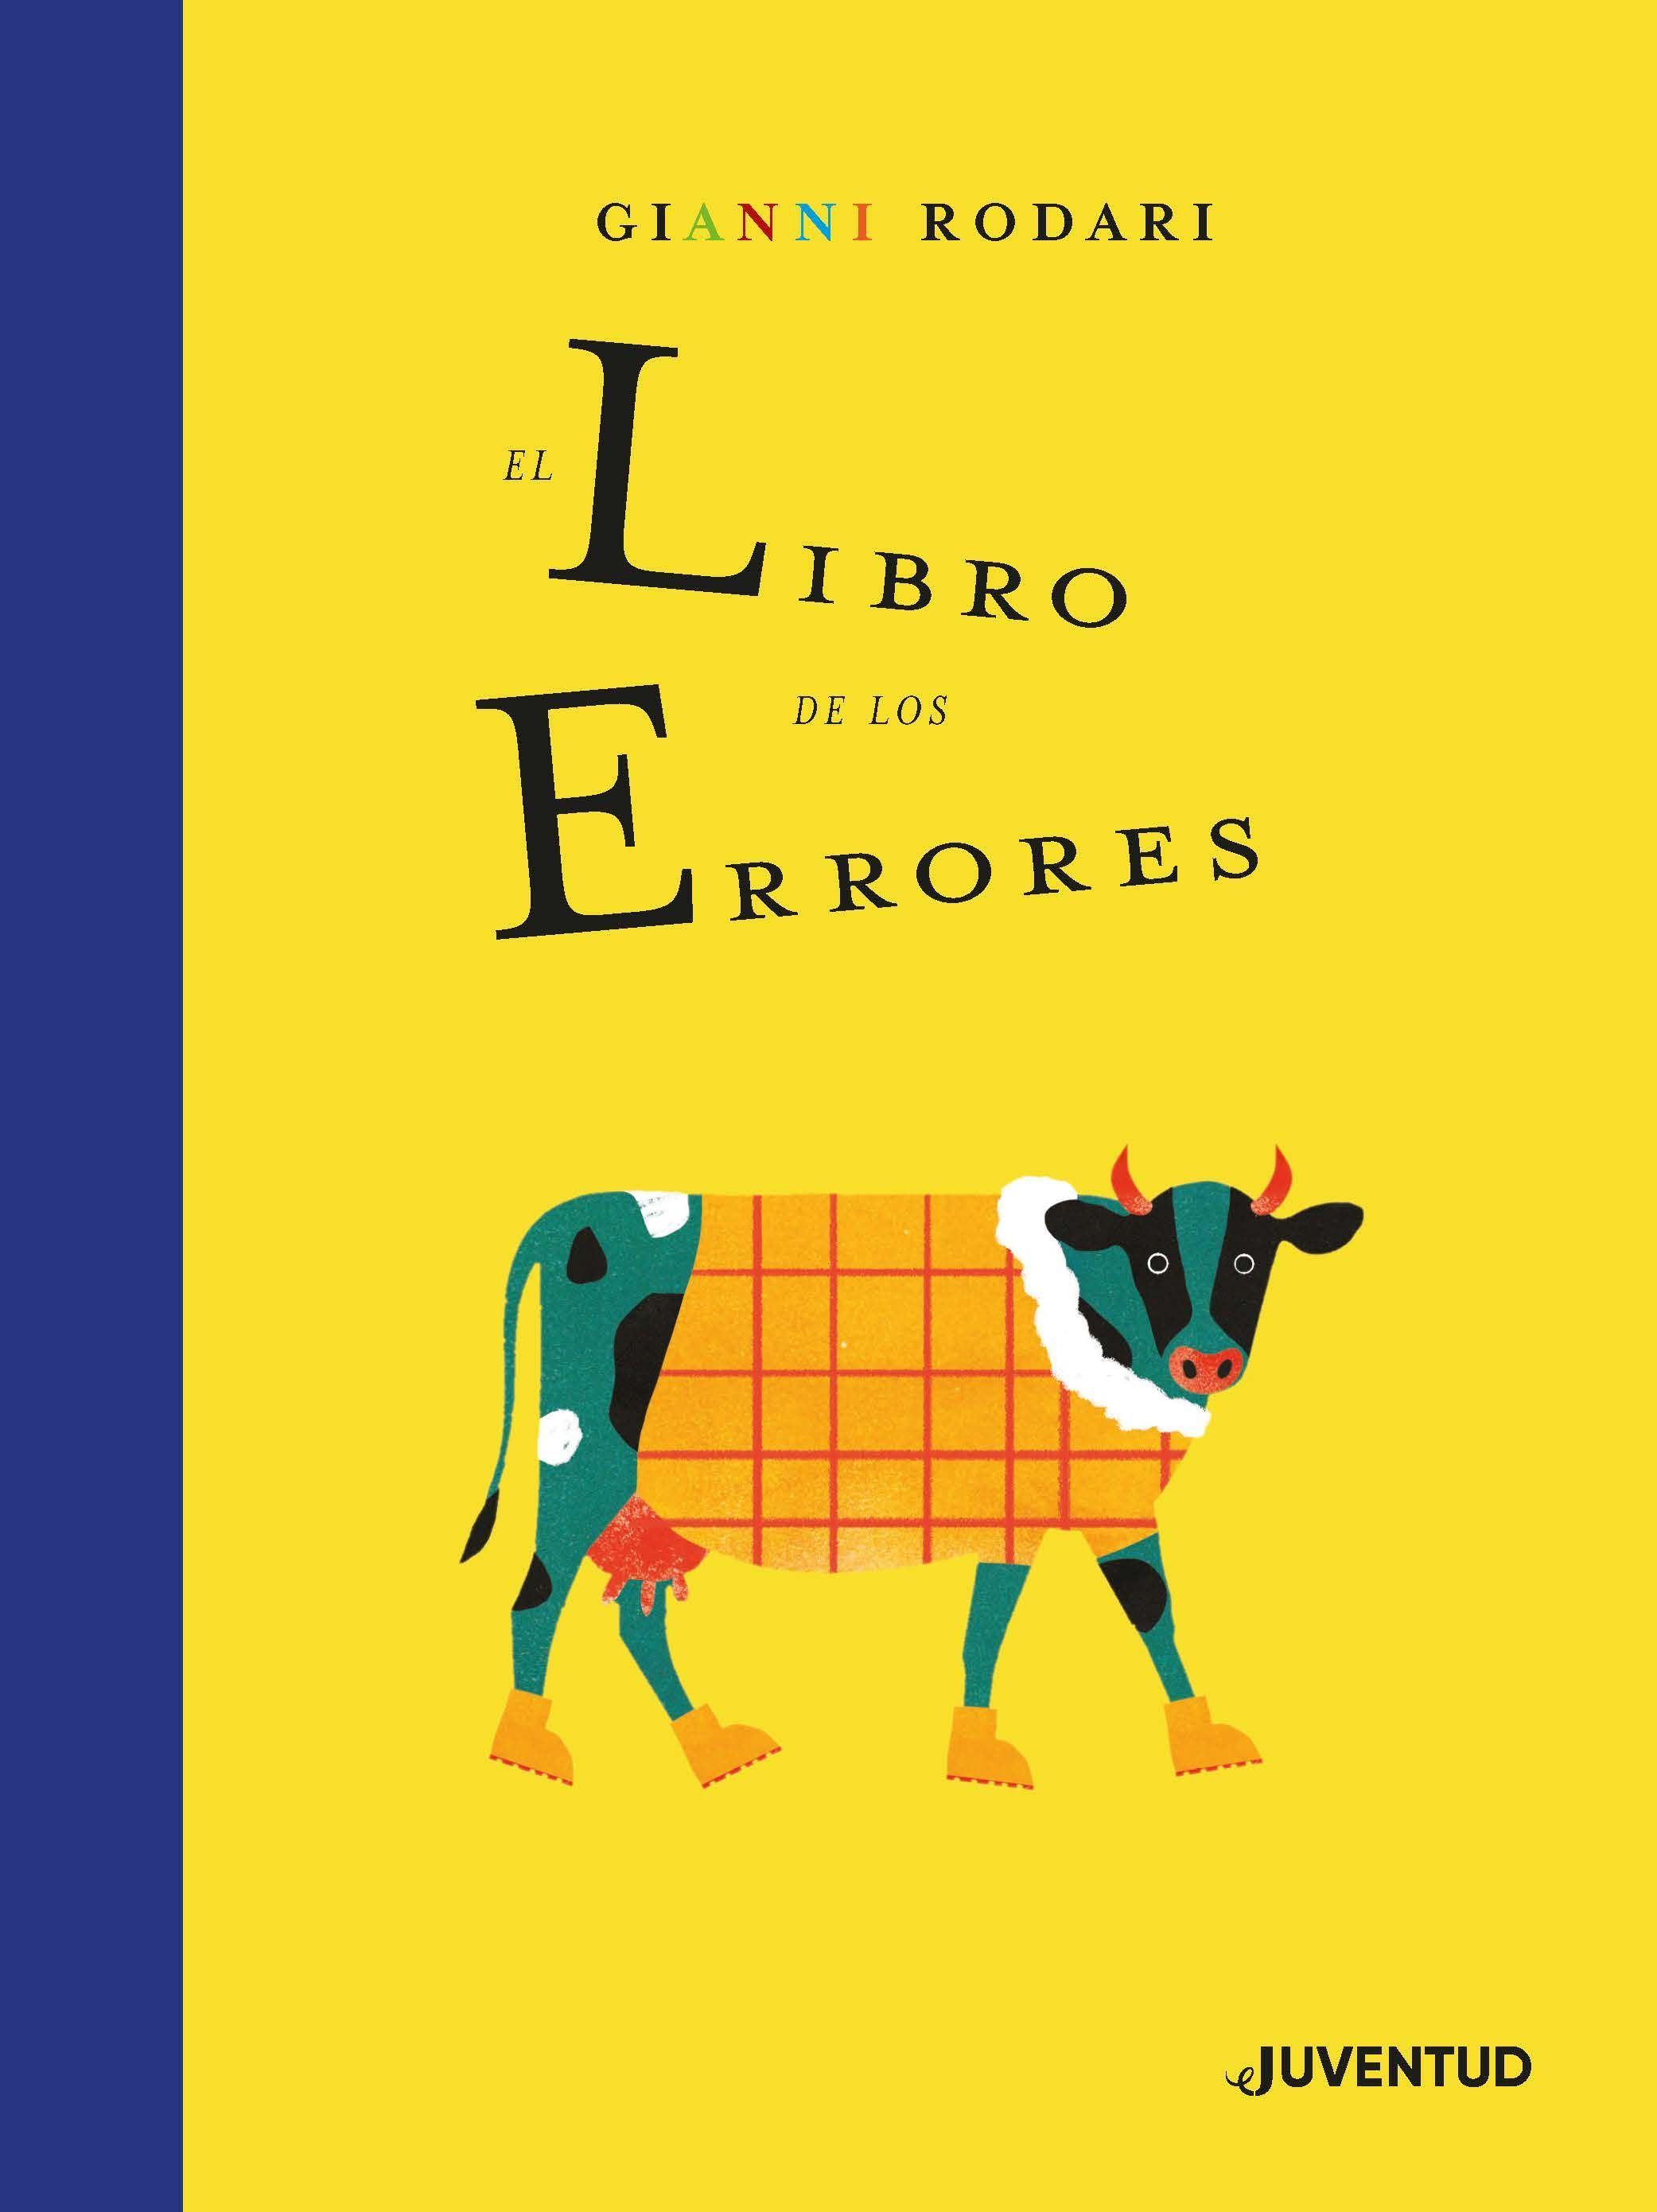 El Libro De Los Errores Gianni Rodari Traducción Y Adaptación Del Italiano De Carlos Mayor Libros Para Niños El Maestro Libros Ilustrados